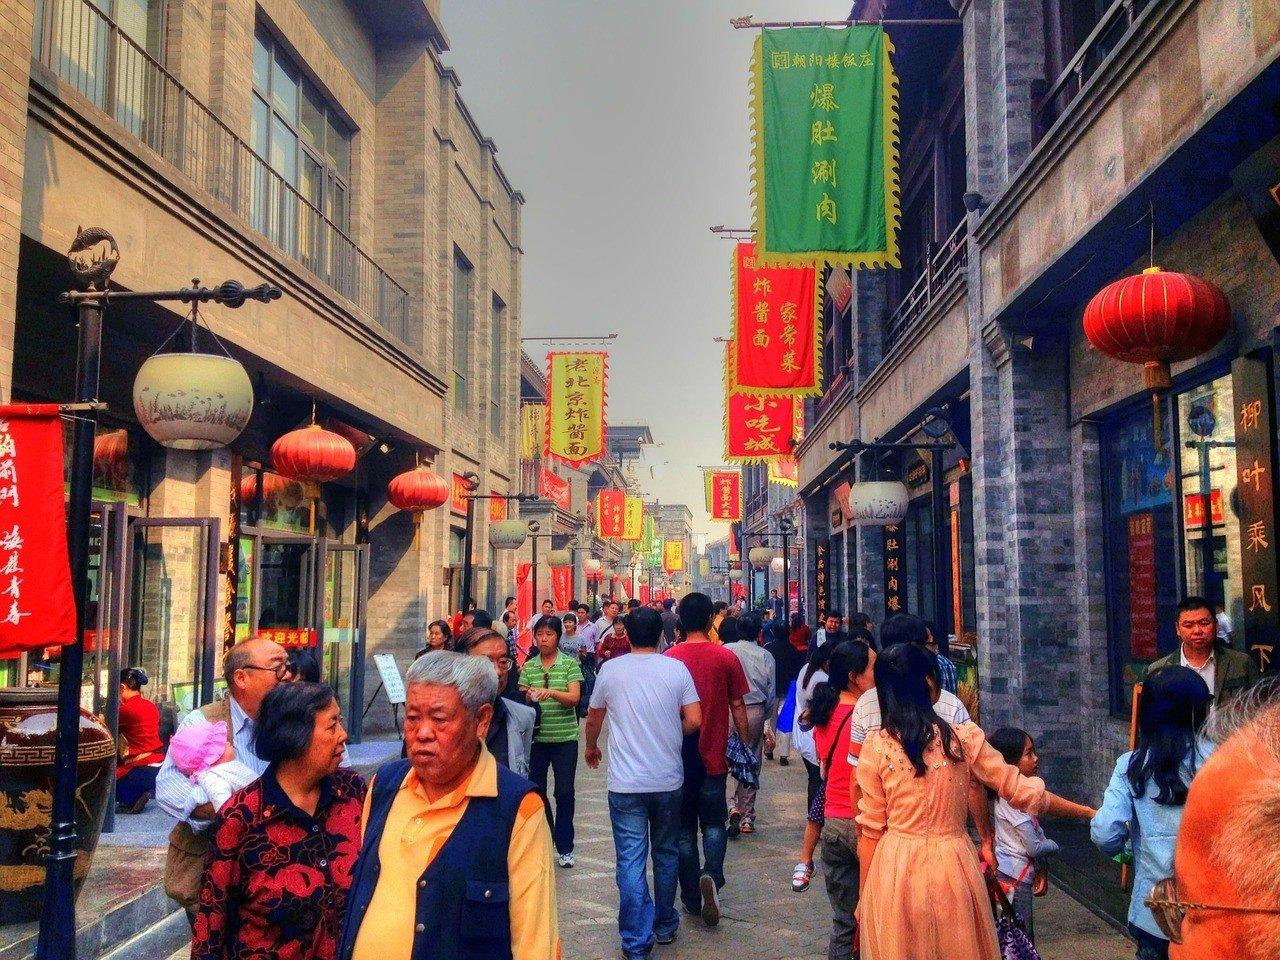 Walking in China